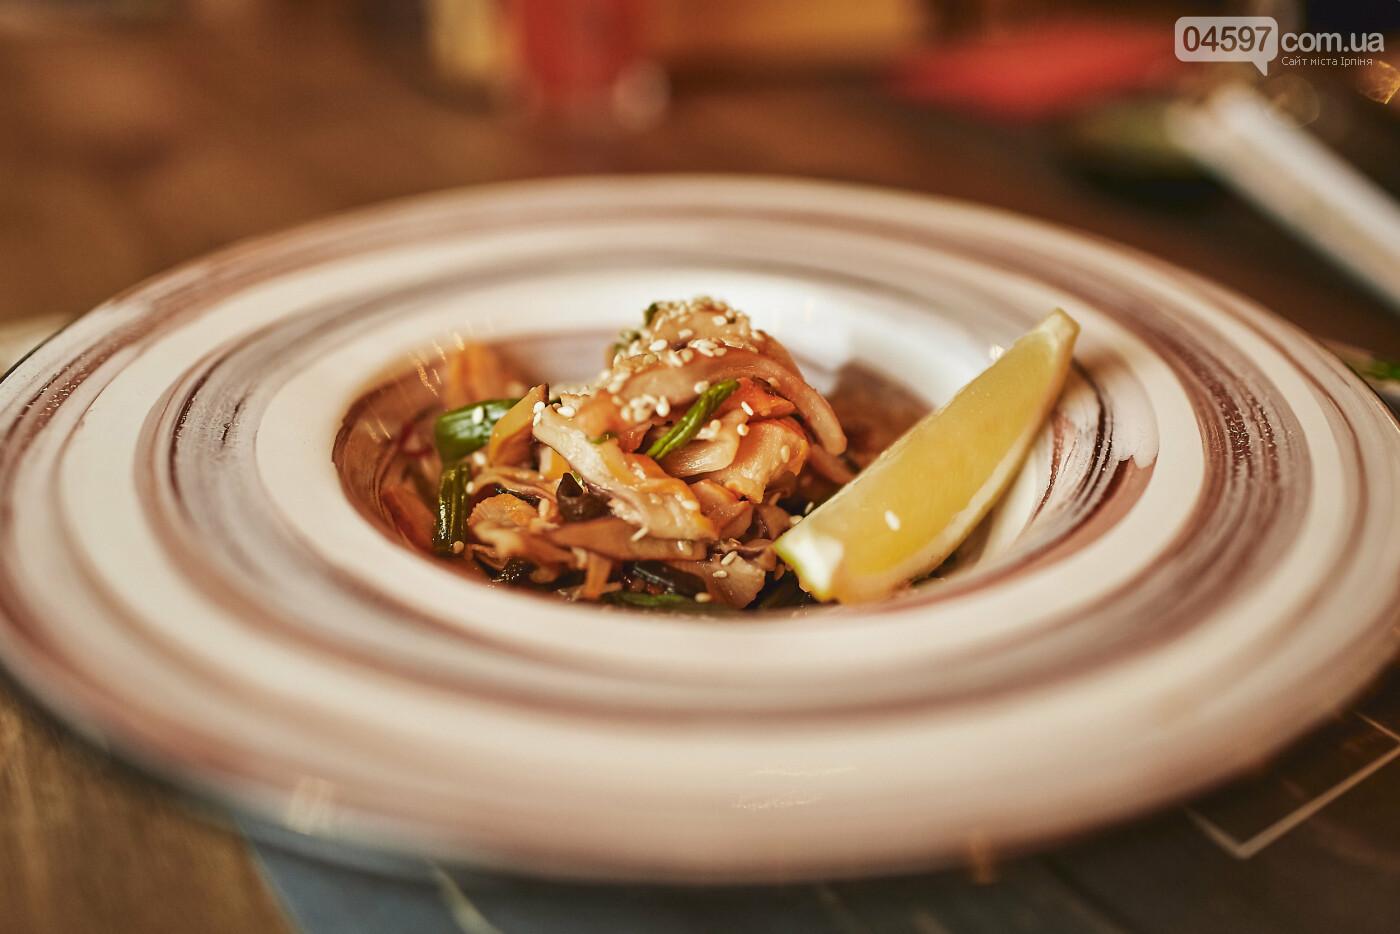 Hanami restaurant & bar Ірпінь дарує знижку 10% на все меню, фото-2